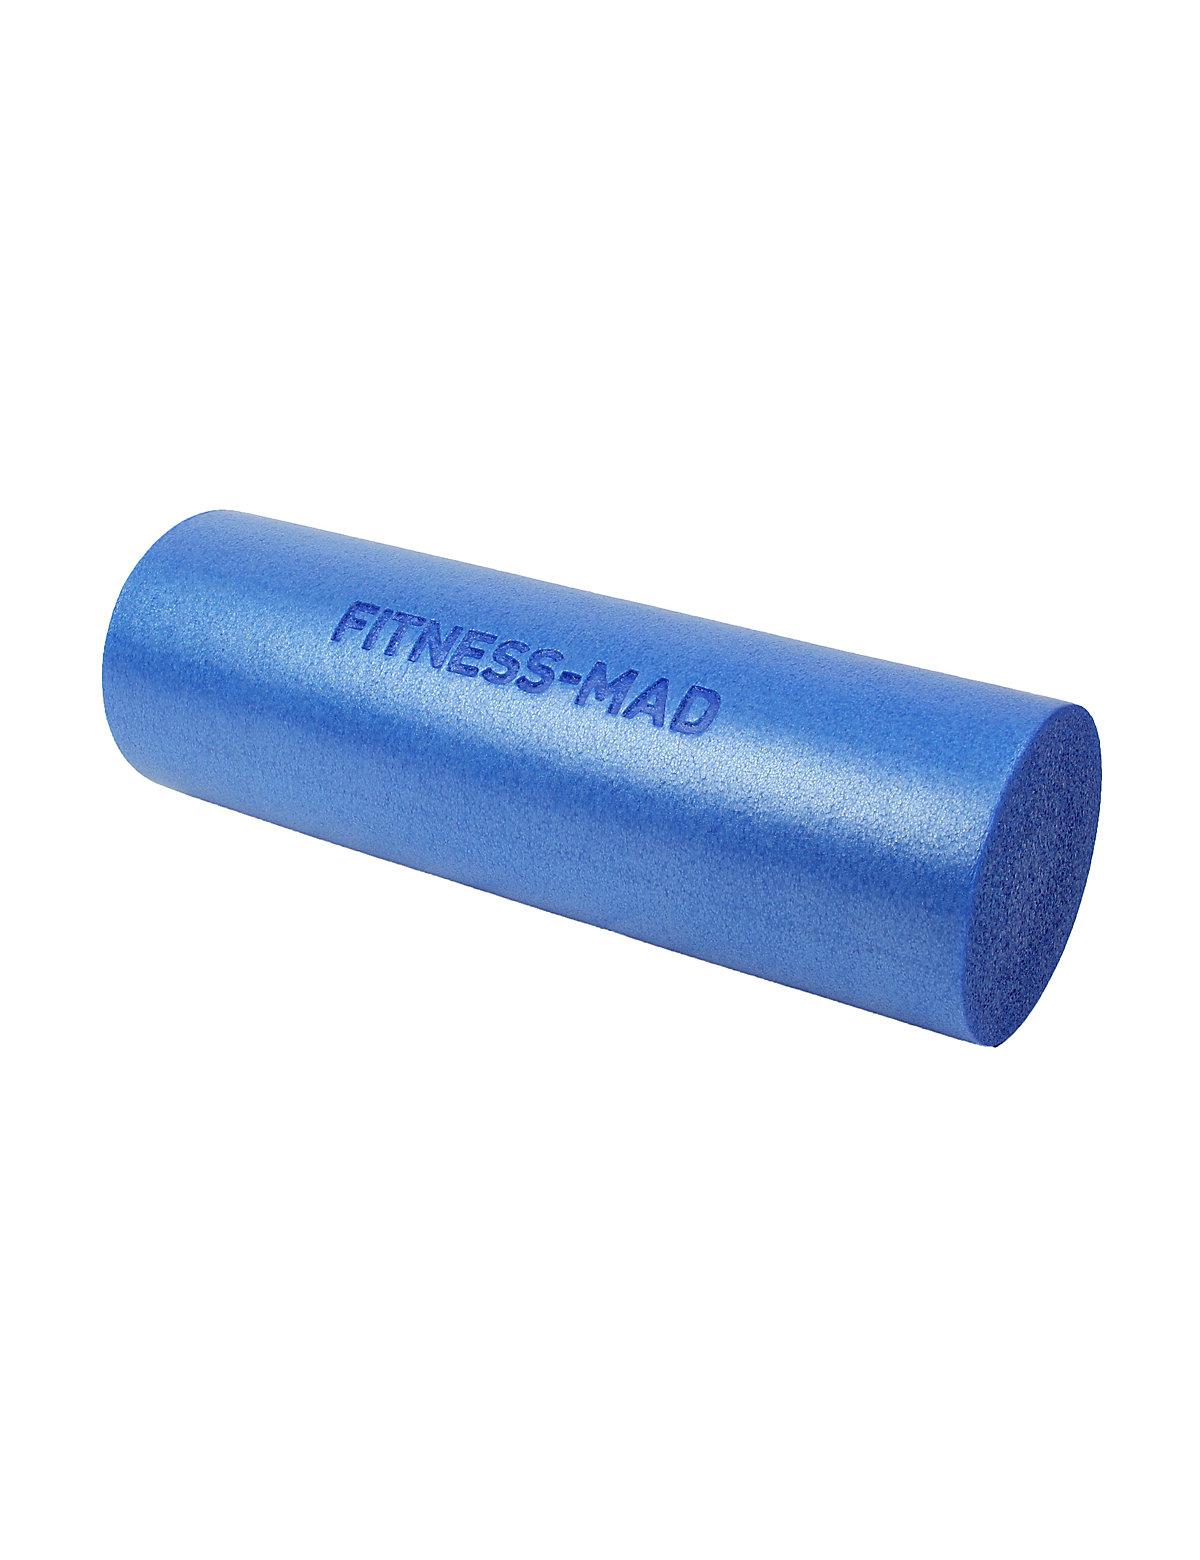 Yoga-Mad 6 Inch Foam Roller